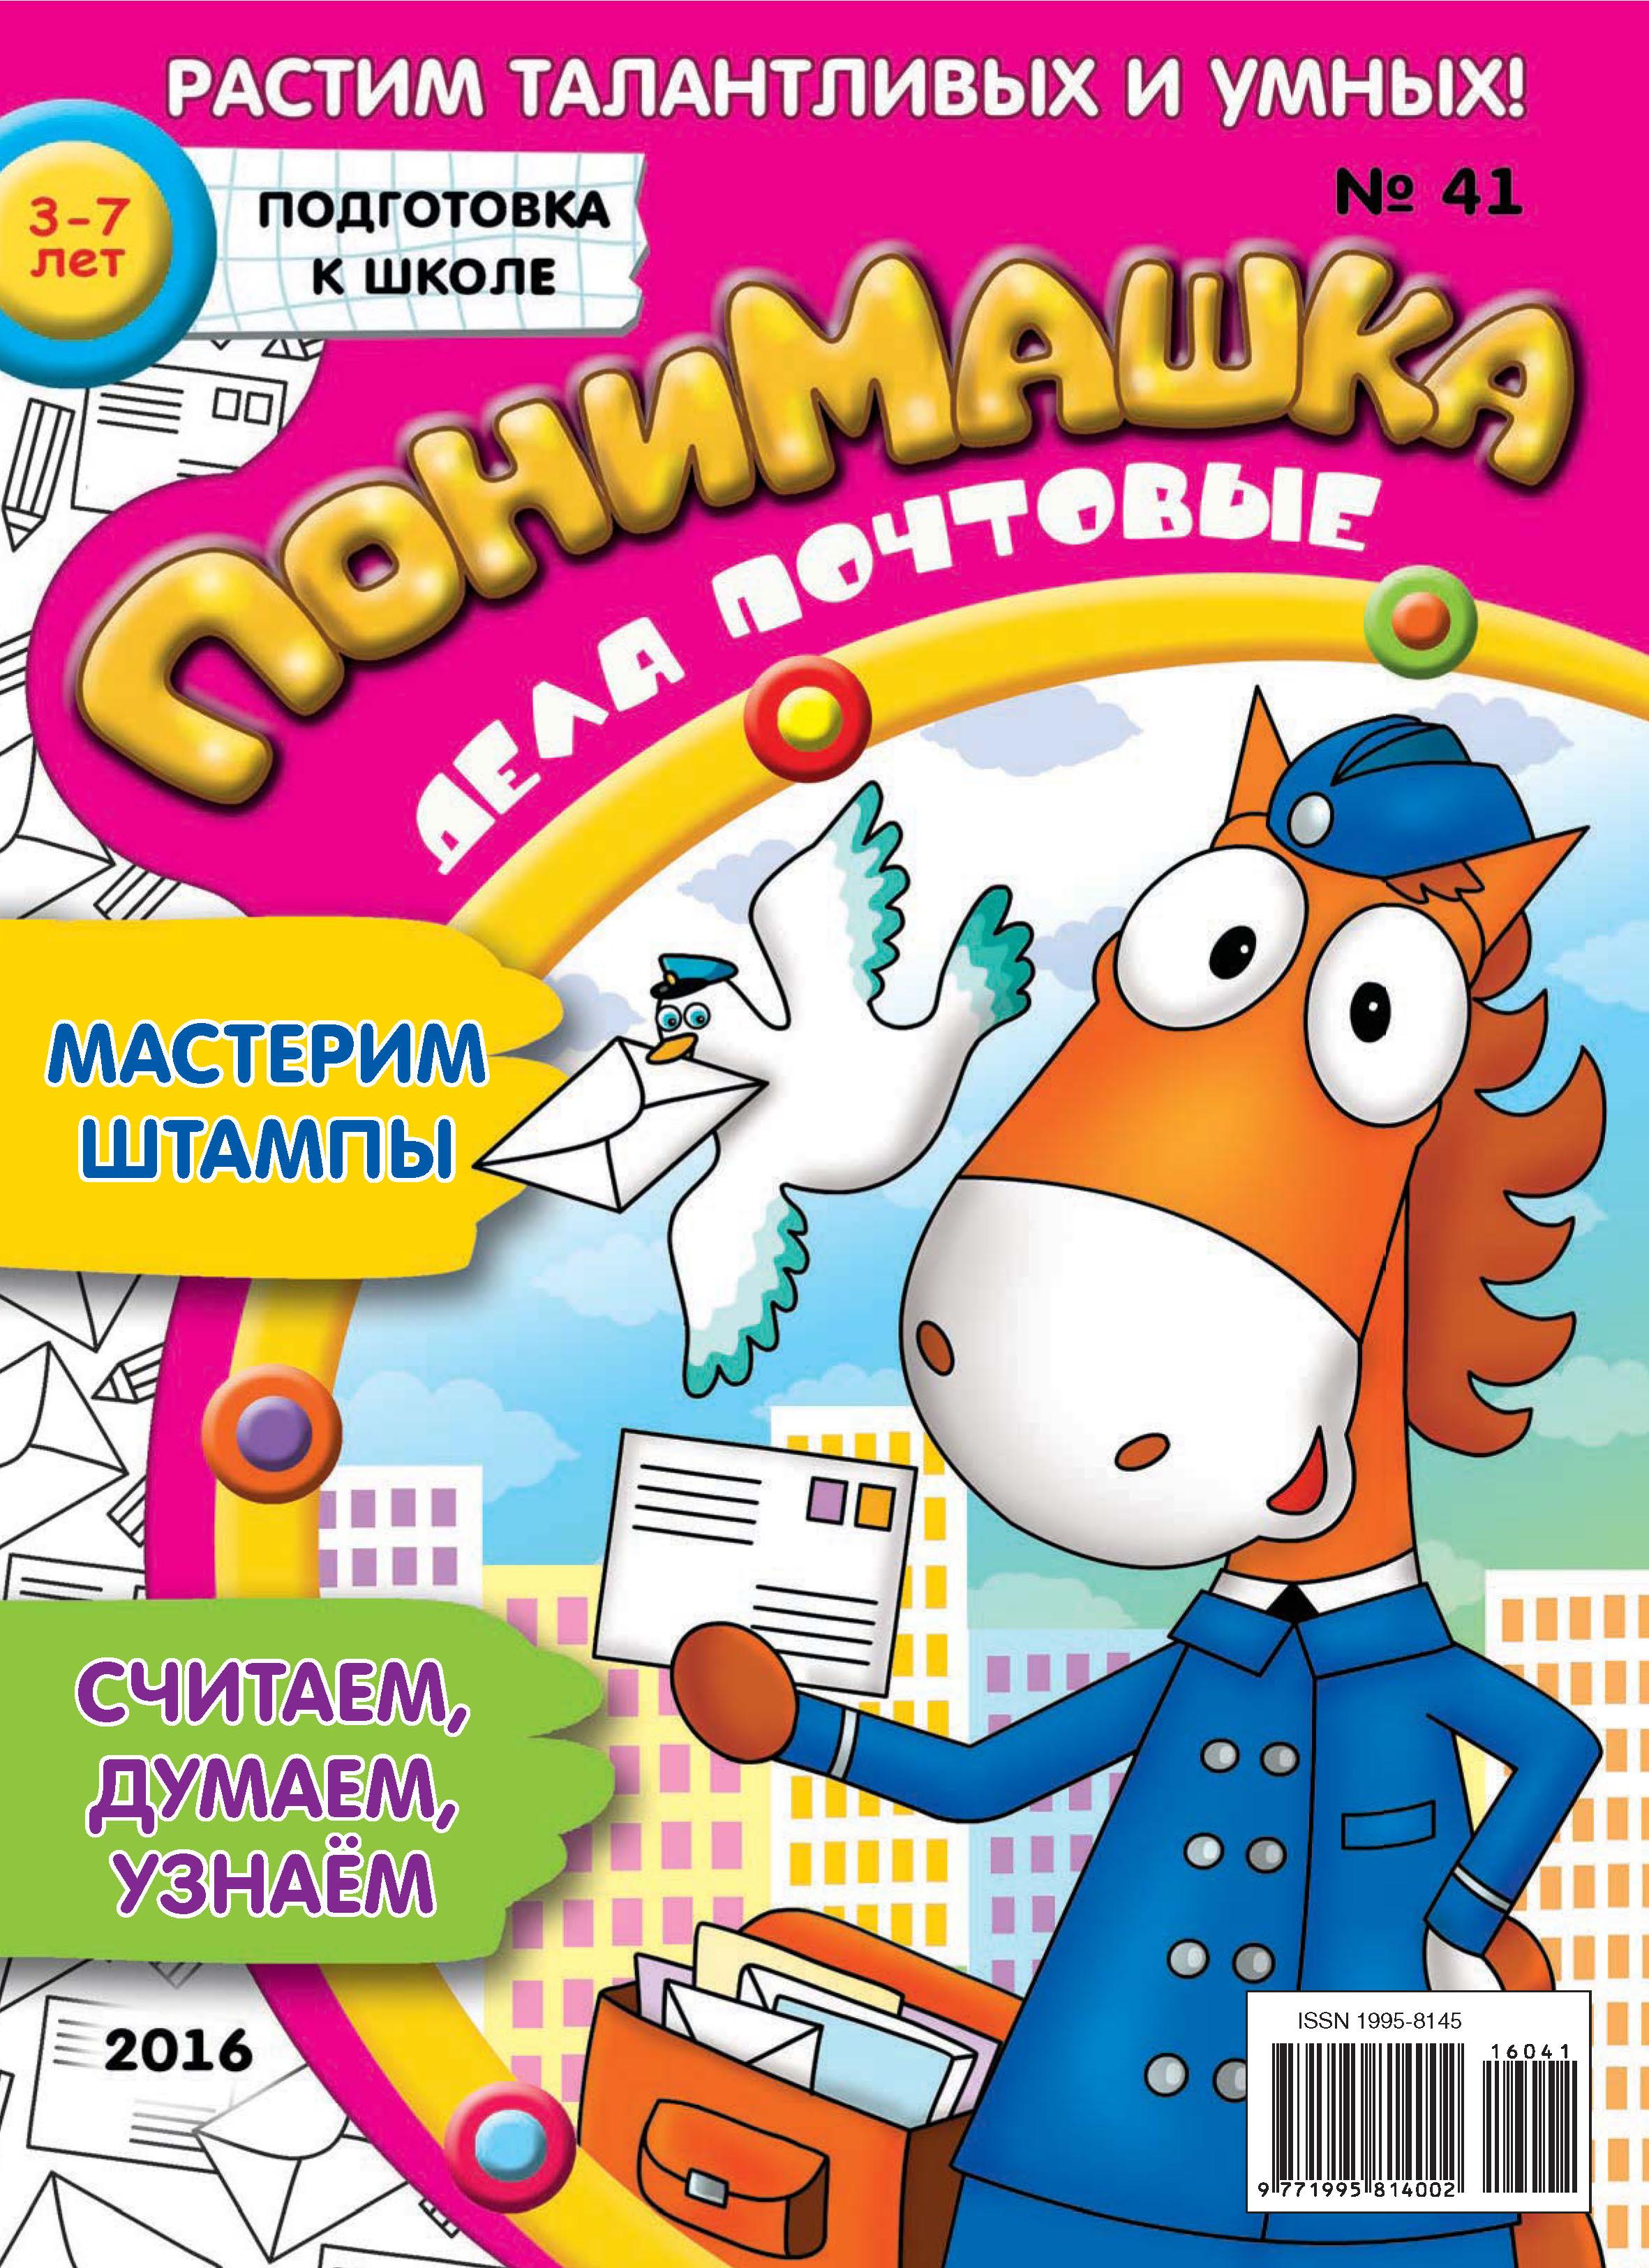 ПониМашка. Развлекательно-развивающий журнал. №41\/2016